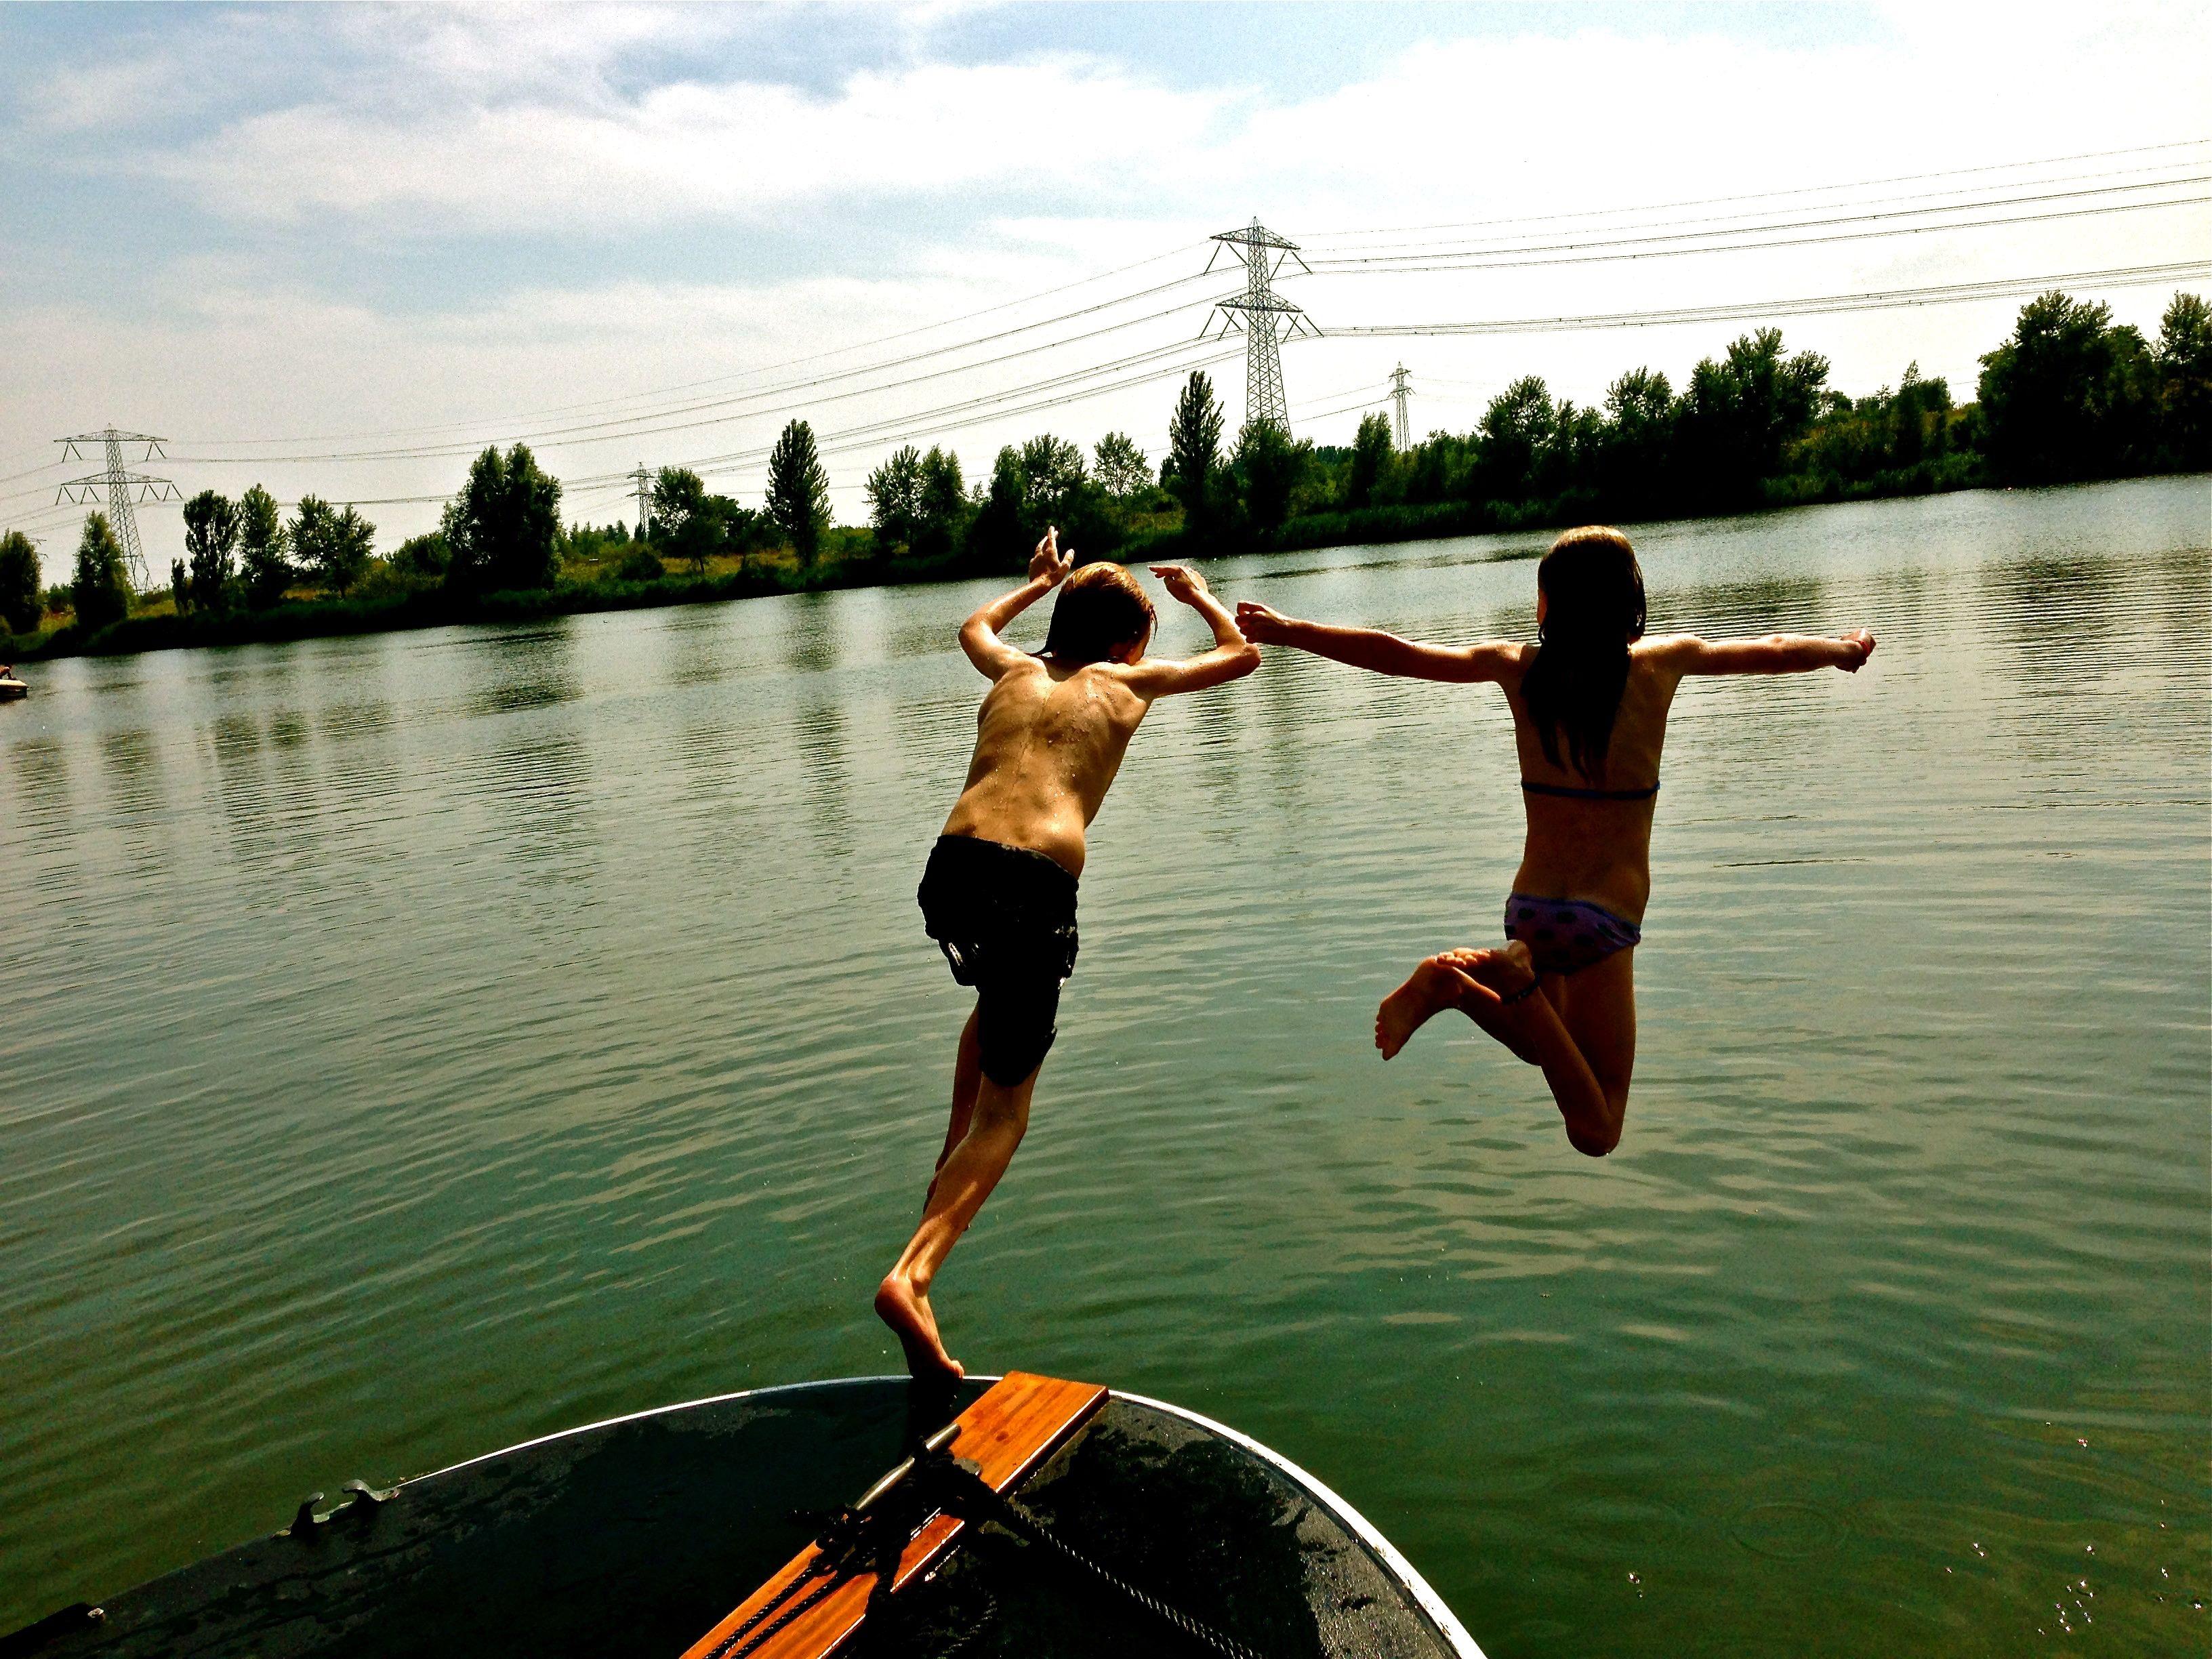 kinderen duiken het water in vanaf bootje